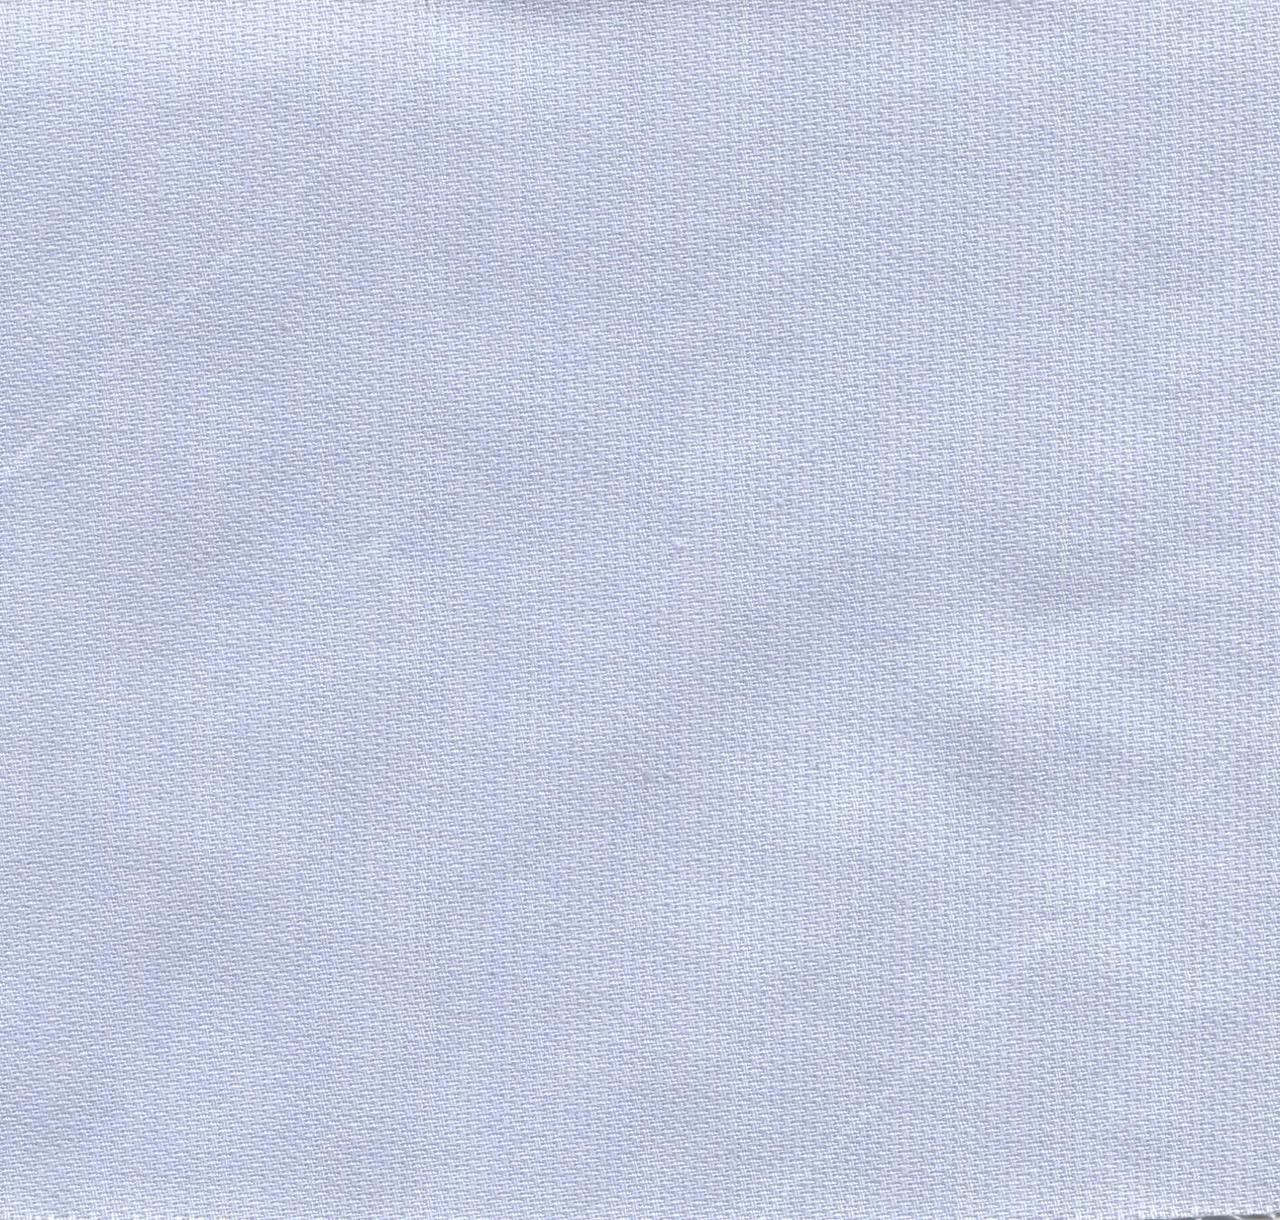 Blue 100% Cotton Pima Wale Pique 145 cm -